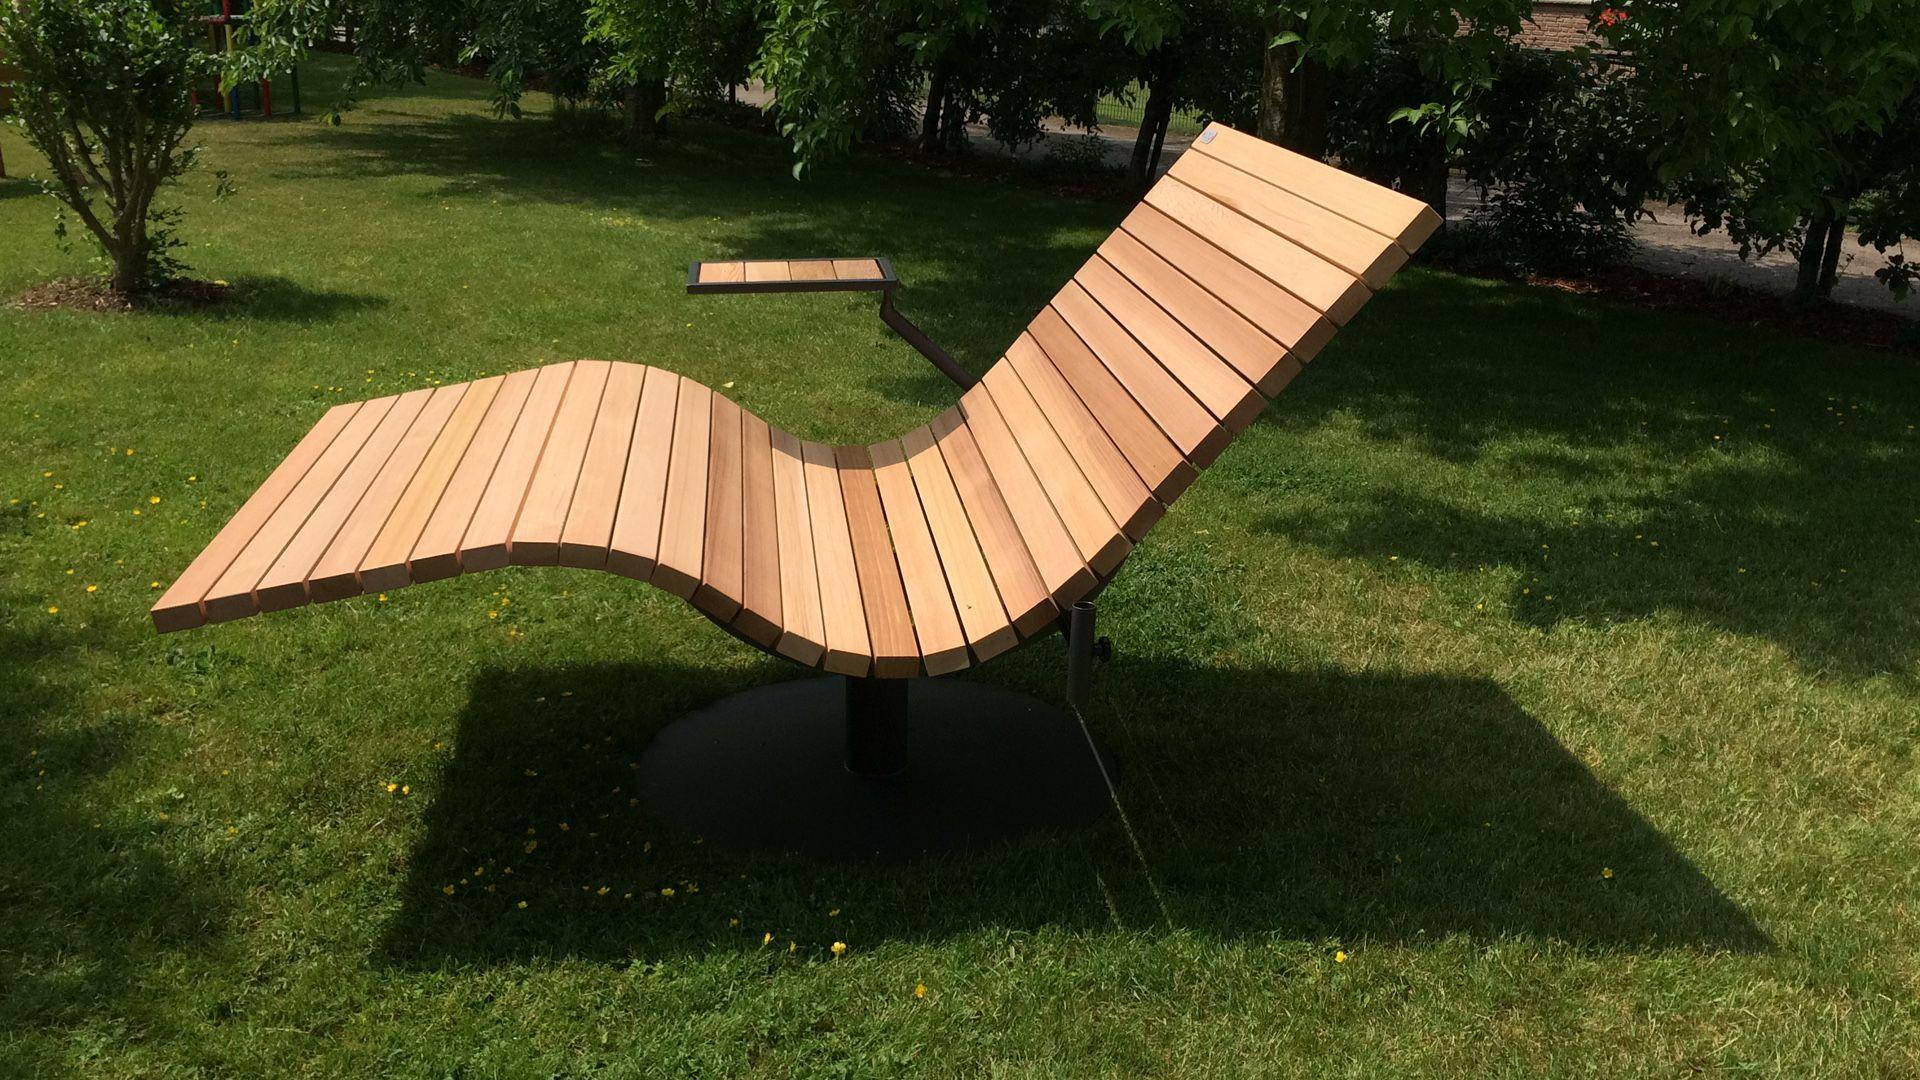 Sonnenliege Mit Den Kleinen Extras Sundivan Vertragshandler Sonnenliege Gartenliege Relaxliege Holzliege Holzliege Relaxliege Garten Gartenbank Holz